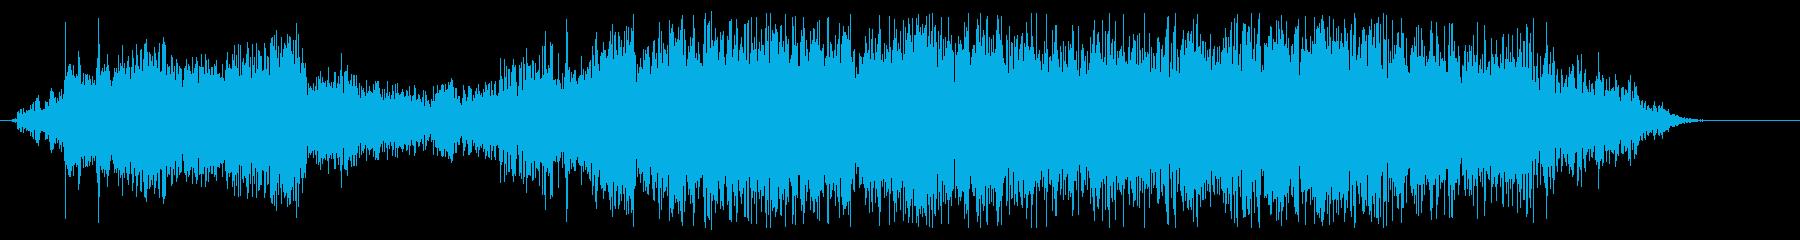 大きな引き戸:開閉式、重い踏面摩擦の再生済みの波形